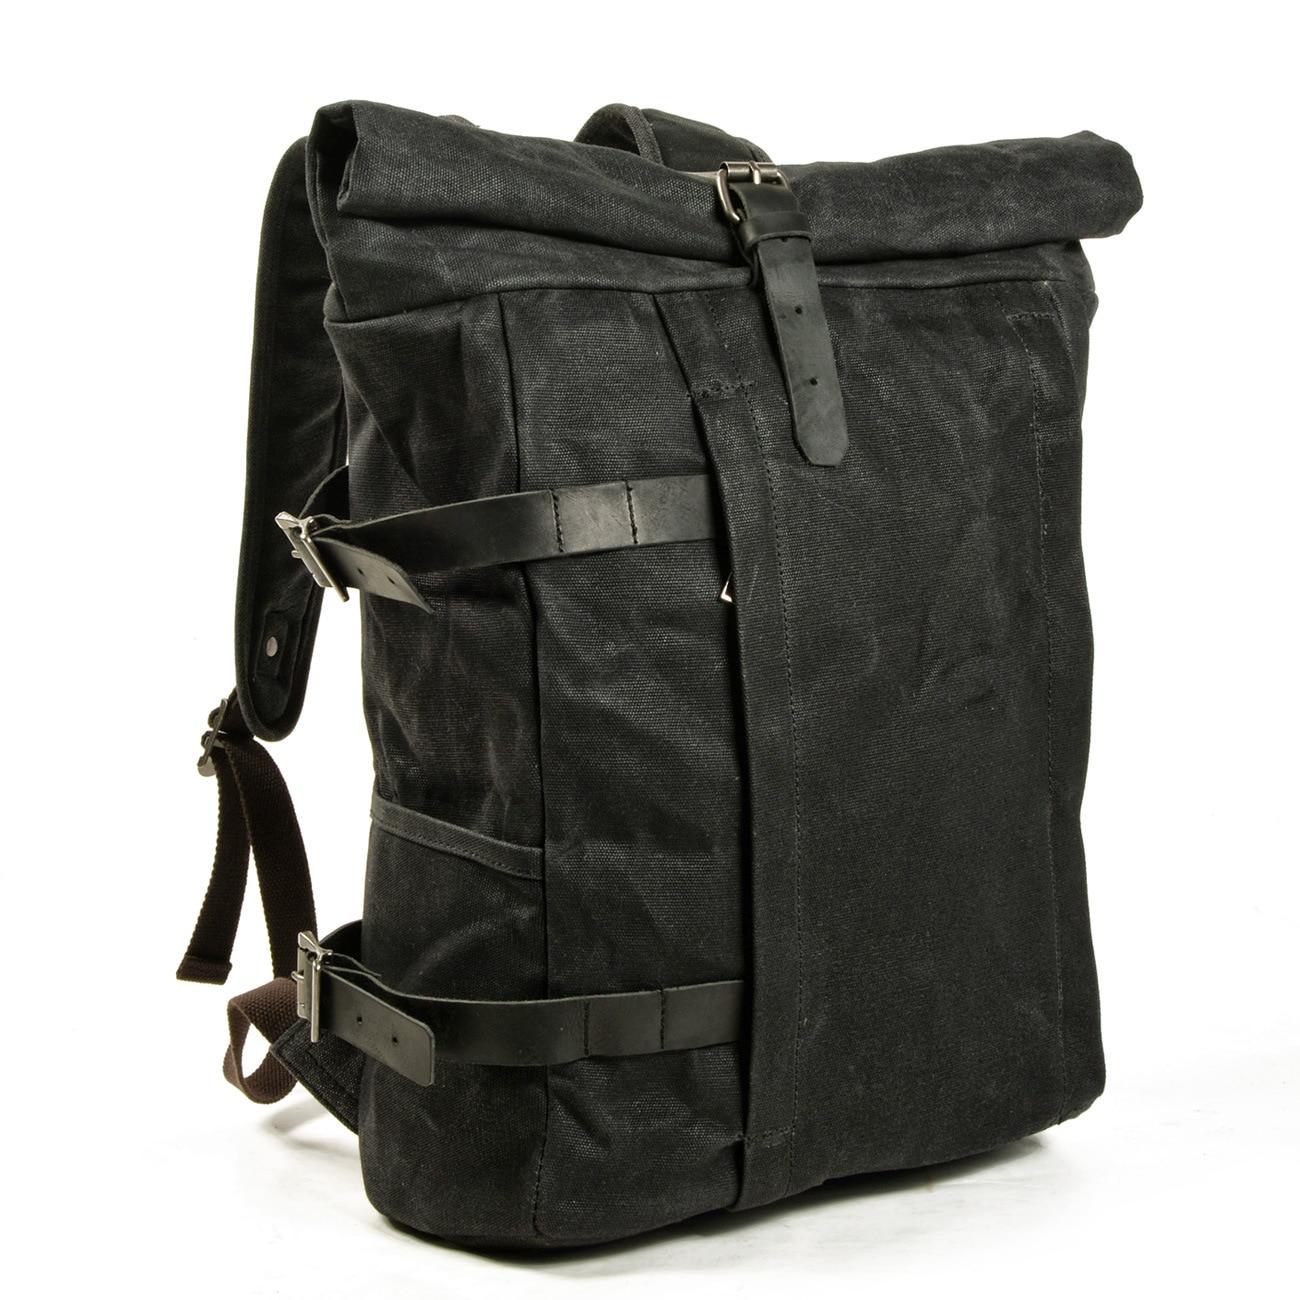 Novo ao ar livre montanhismo mochila impermeável mochila de algodão cera de couro de costura da lona computador mochila mochila de estudante